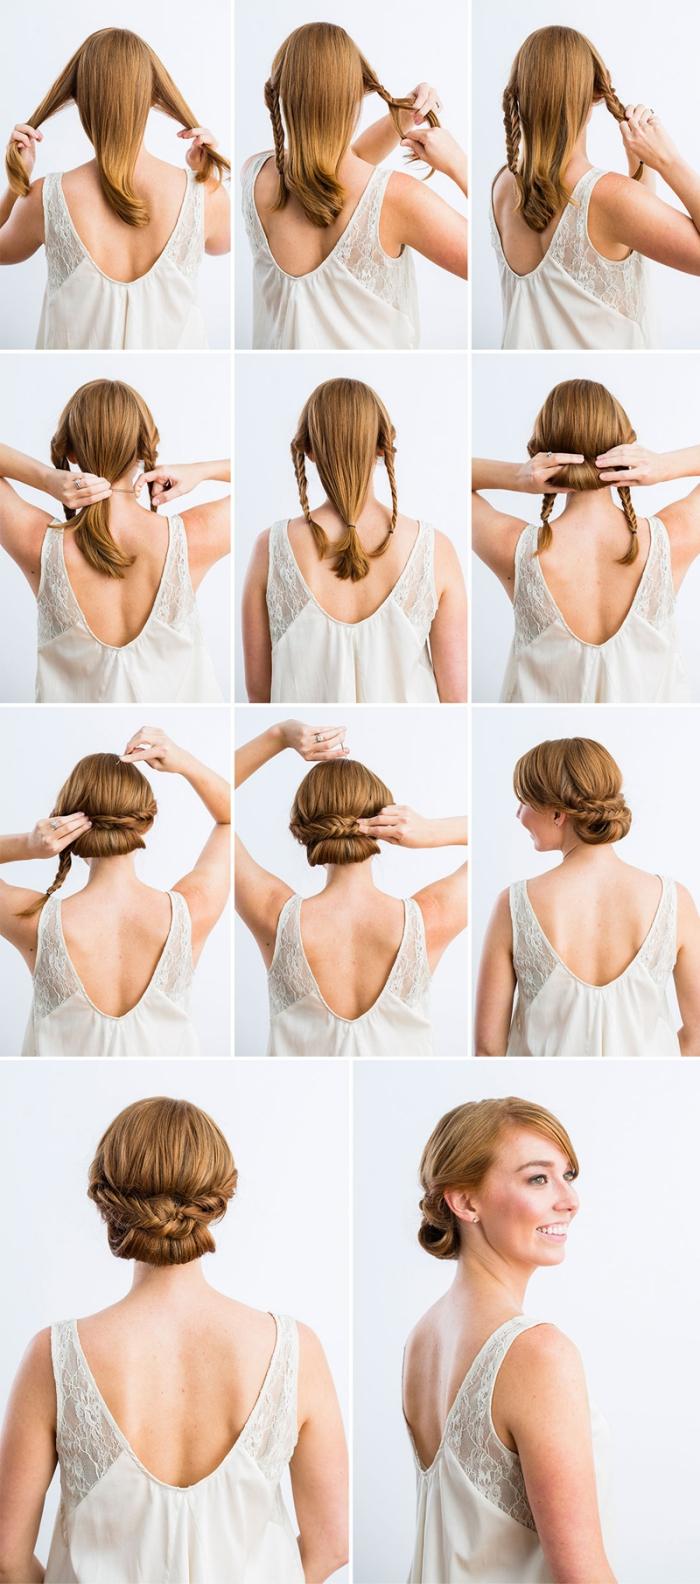 tuto coiffure facile, étapes à suivre pour réaliser une coiffure en cheveux en mèches torsadées et tresses